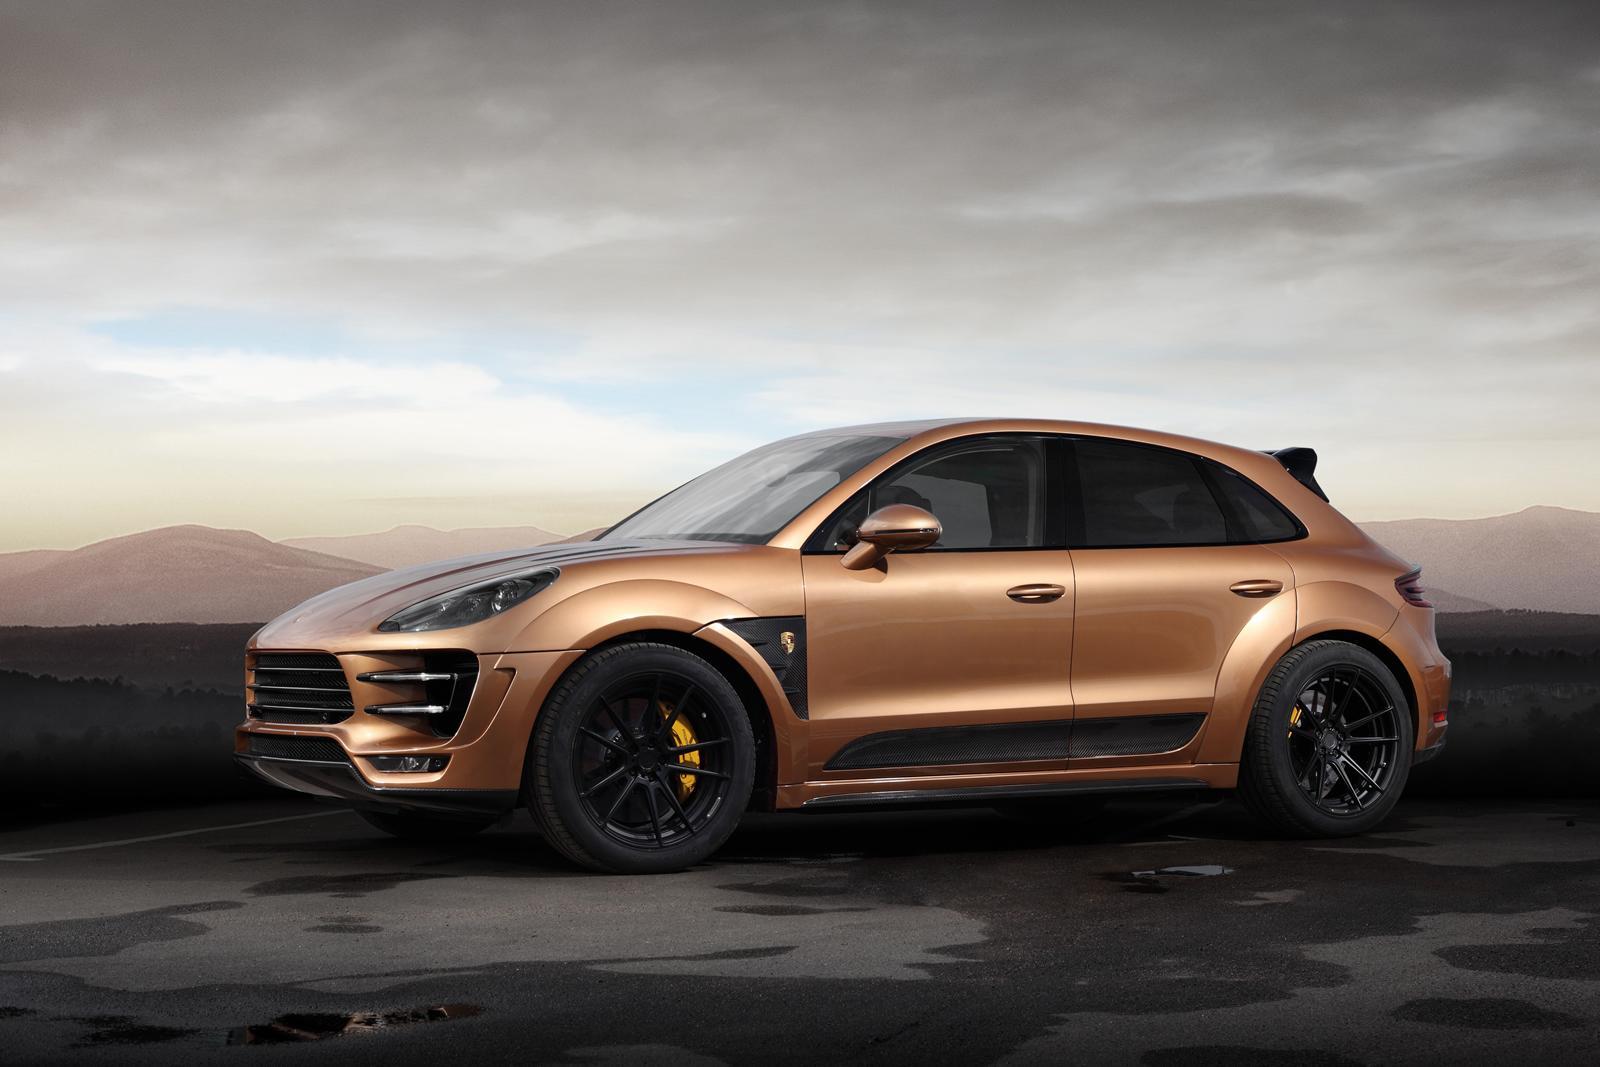 TOPCAR y su Porsche Macan de oro